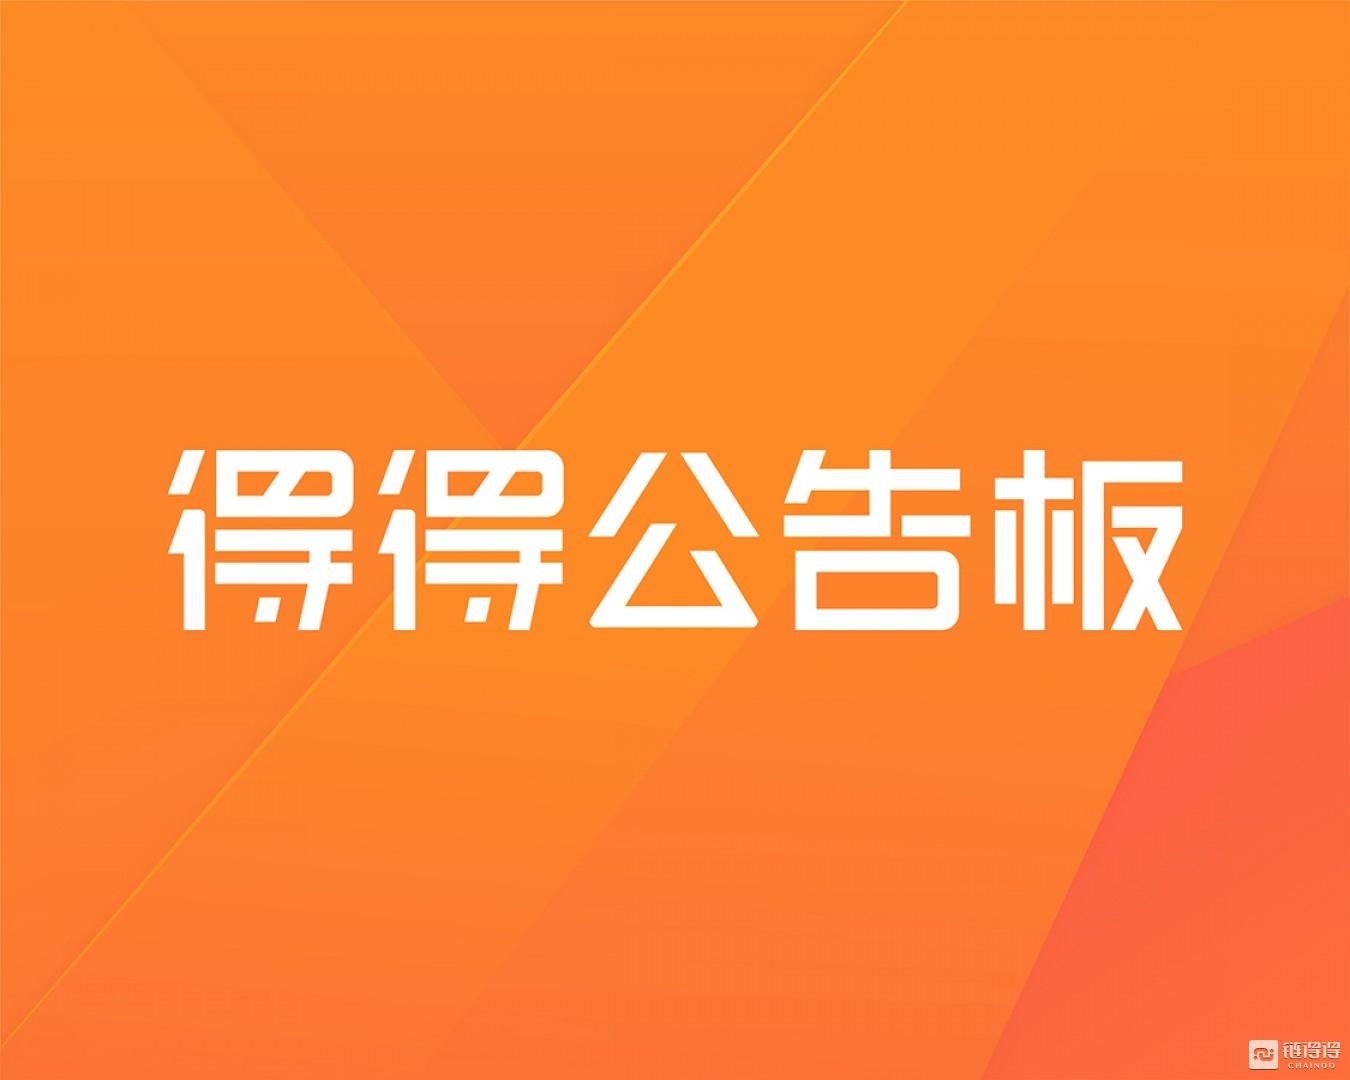 【得得公告板】火币阶梯手续费率制度和HT抵扣手续费方案将于7月1日起正式执行|6月24日